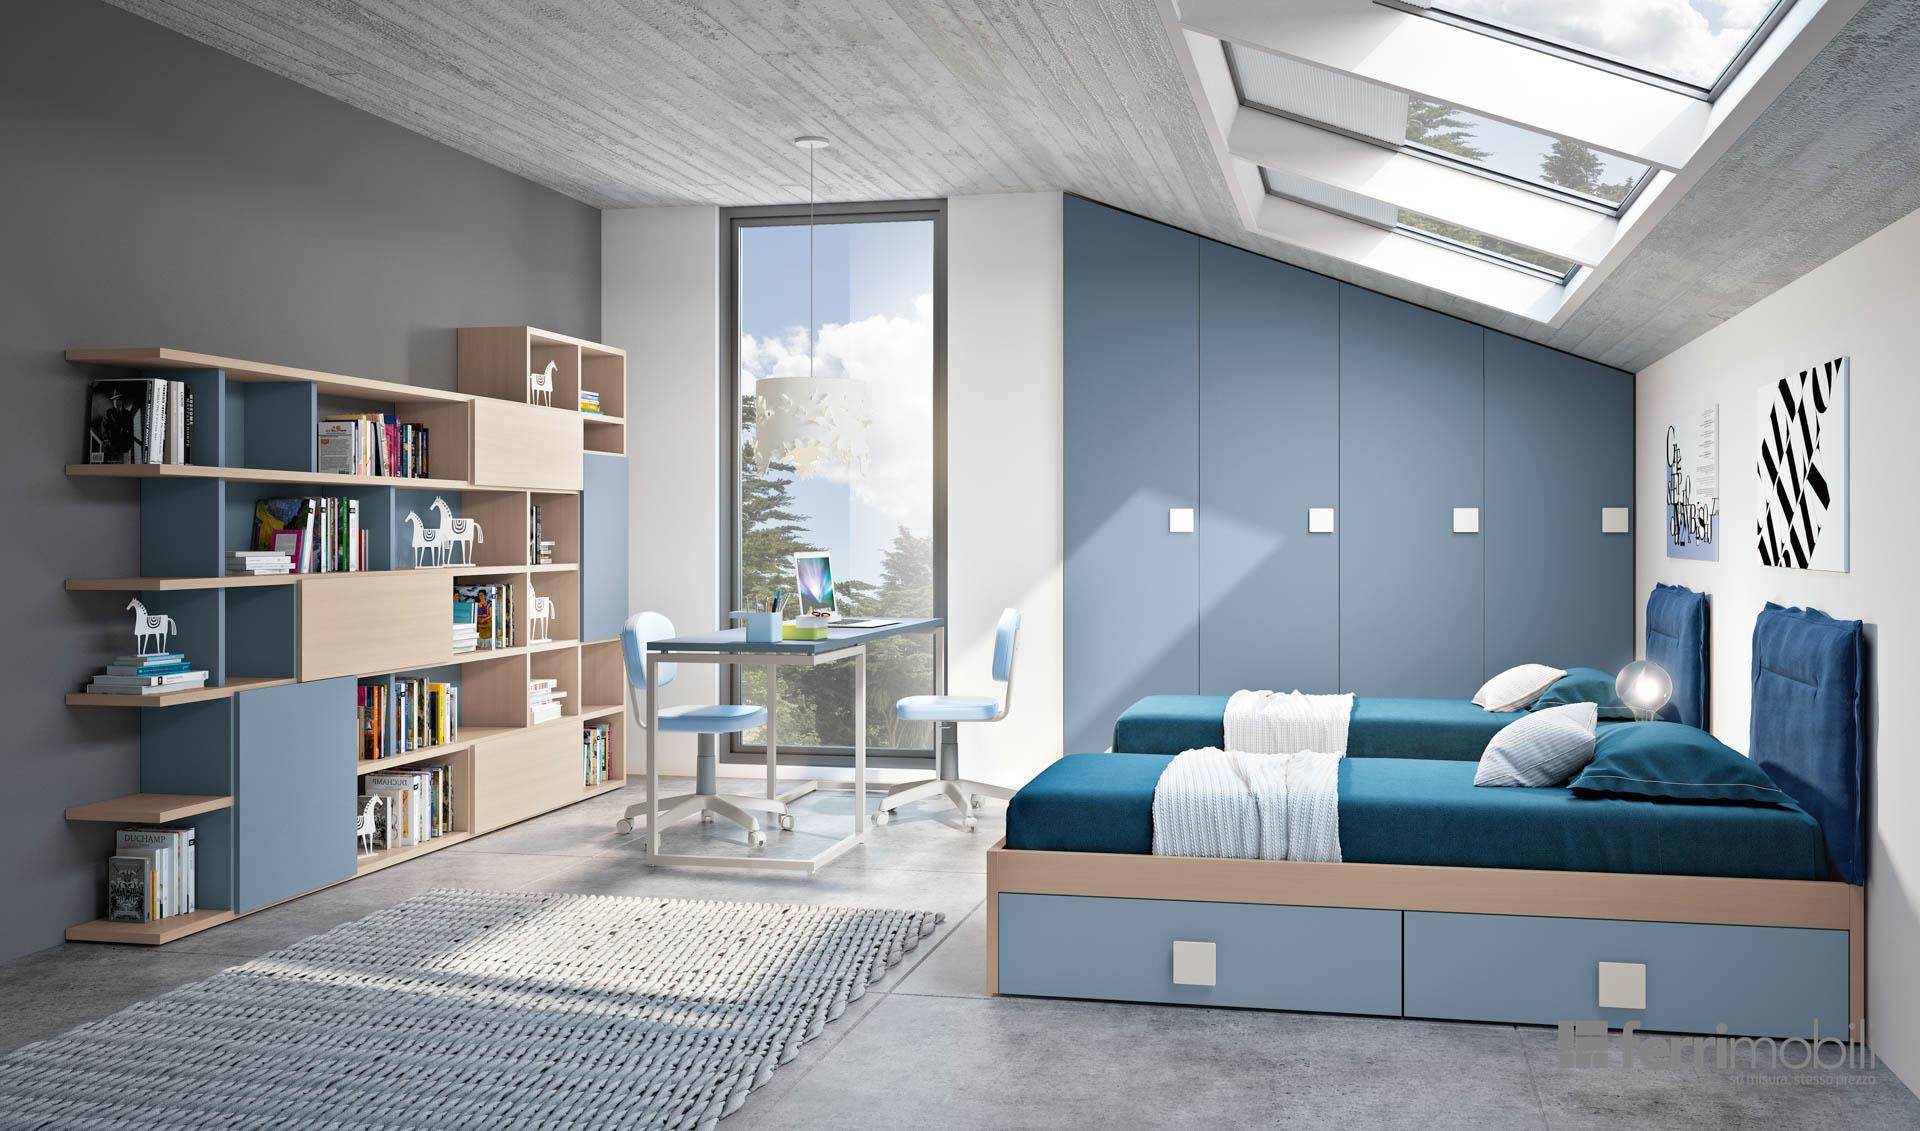 Cameretta composizione 809 ferri mobili centro mobili for Centro italiano mobili